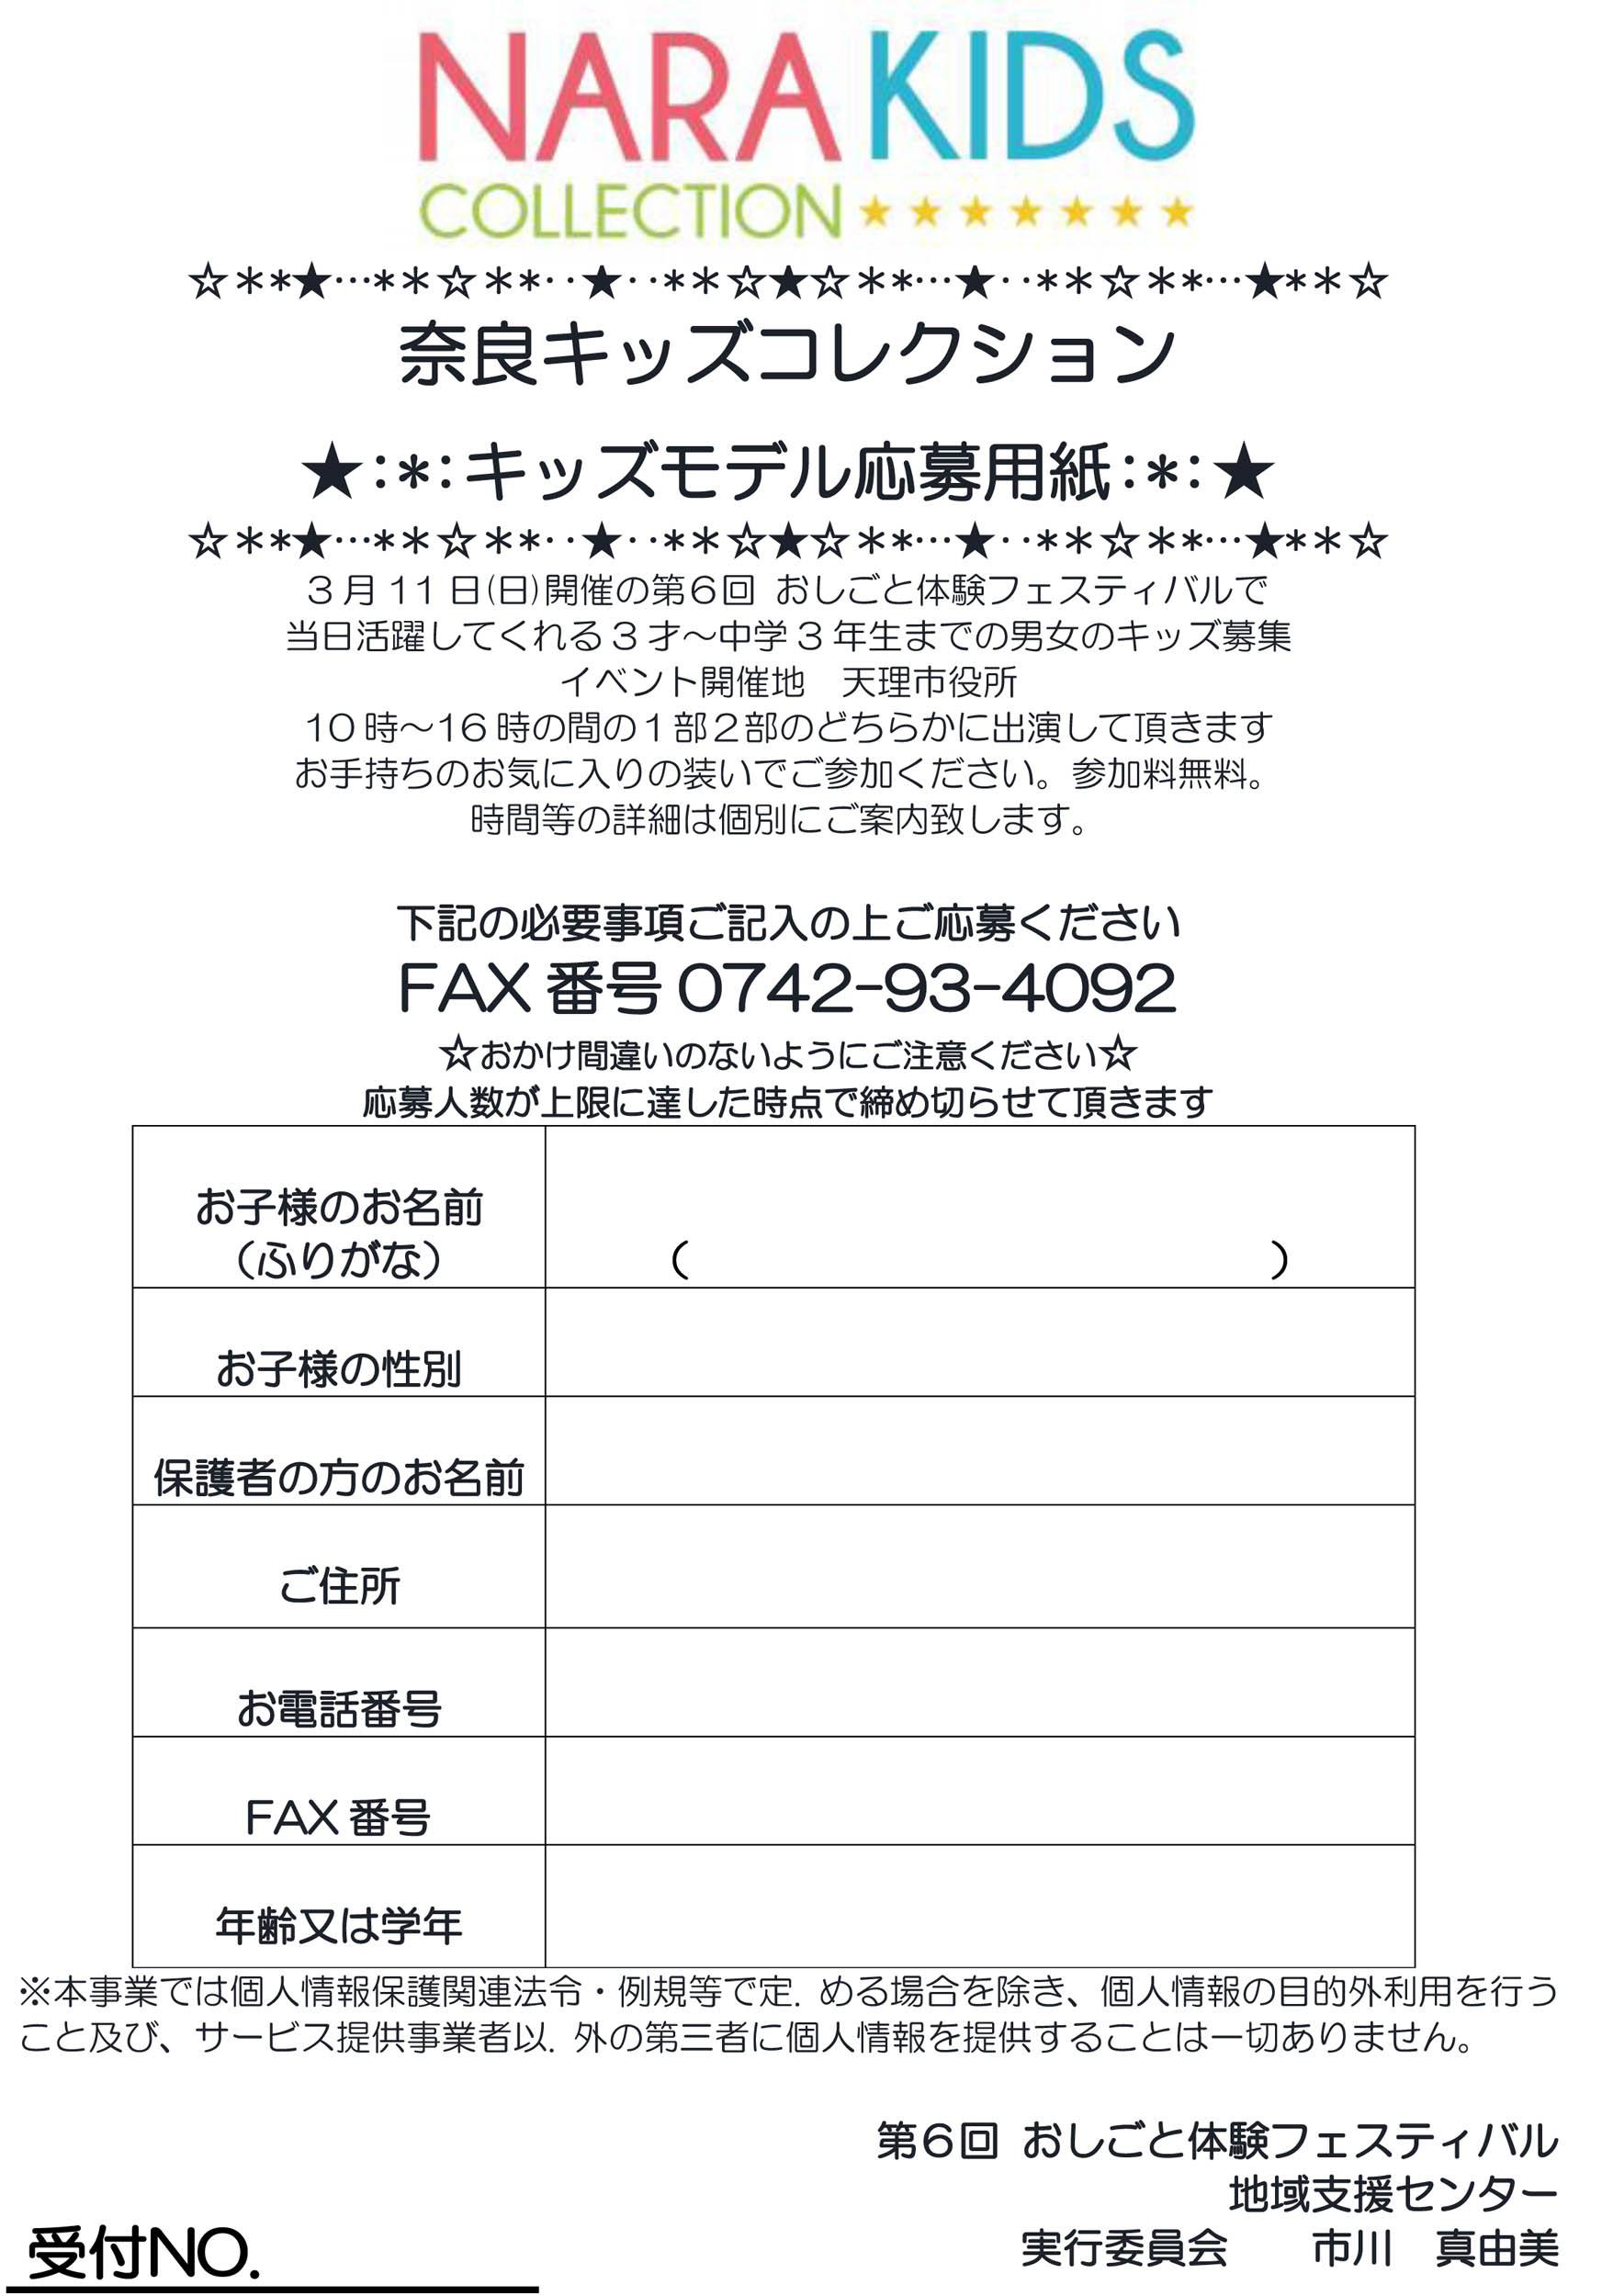 奈良キッズコレクション申し込み用紙